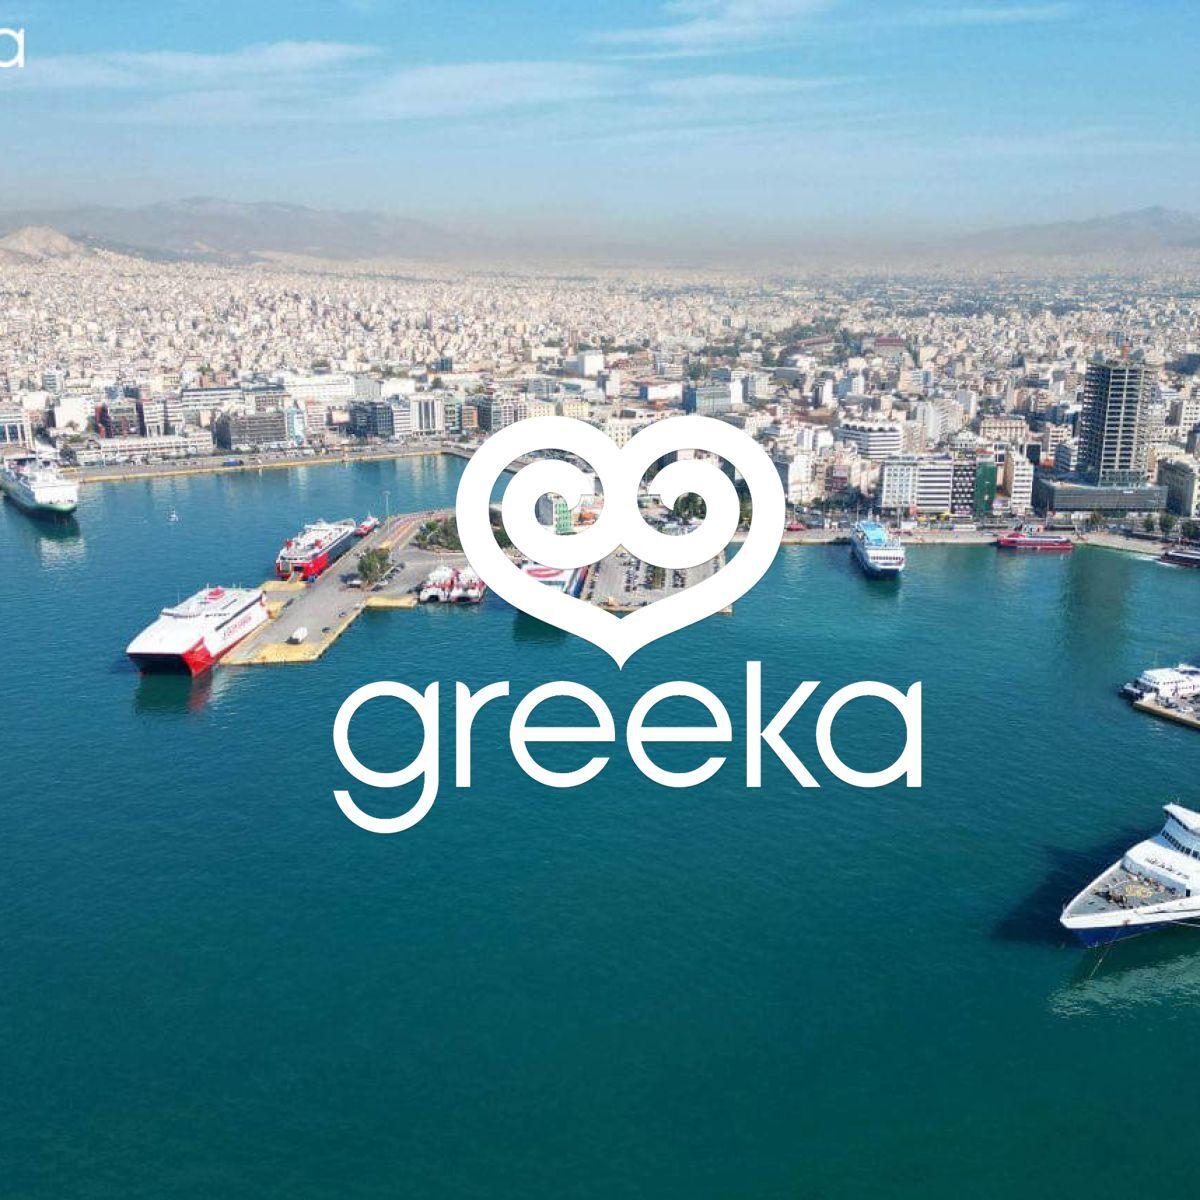 Ports of Athens: Piraeus, Rafina, Lavrio ports - Greeka com